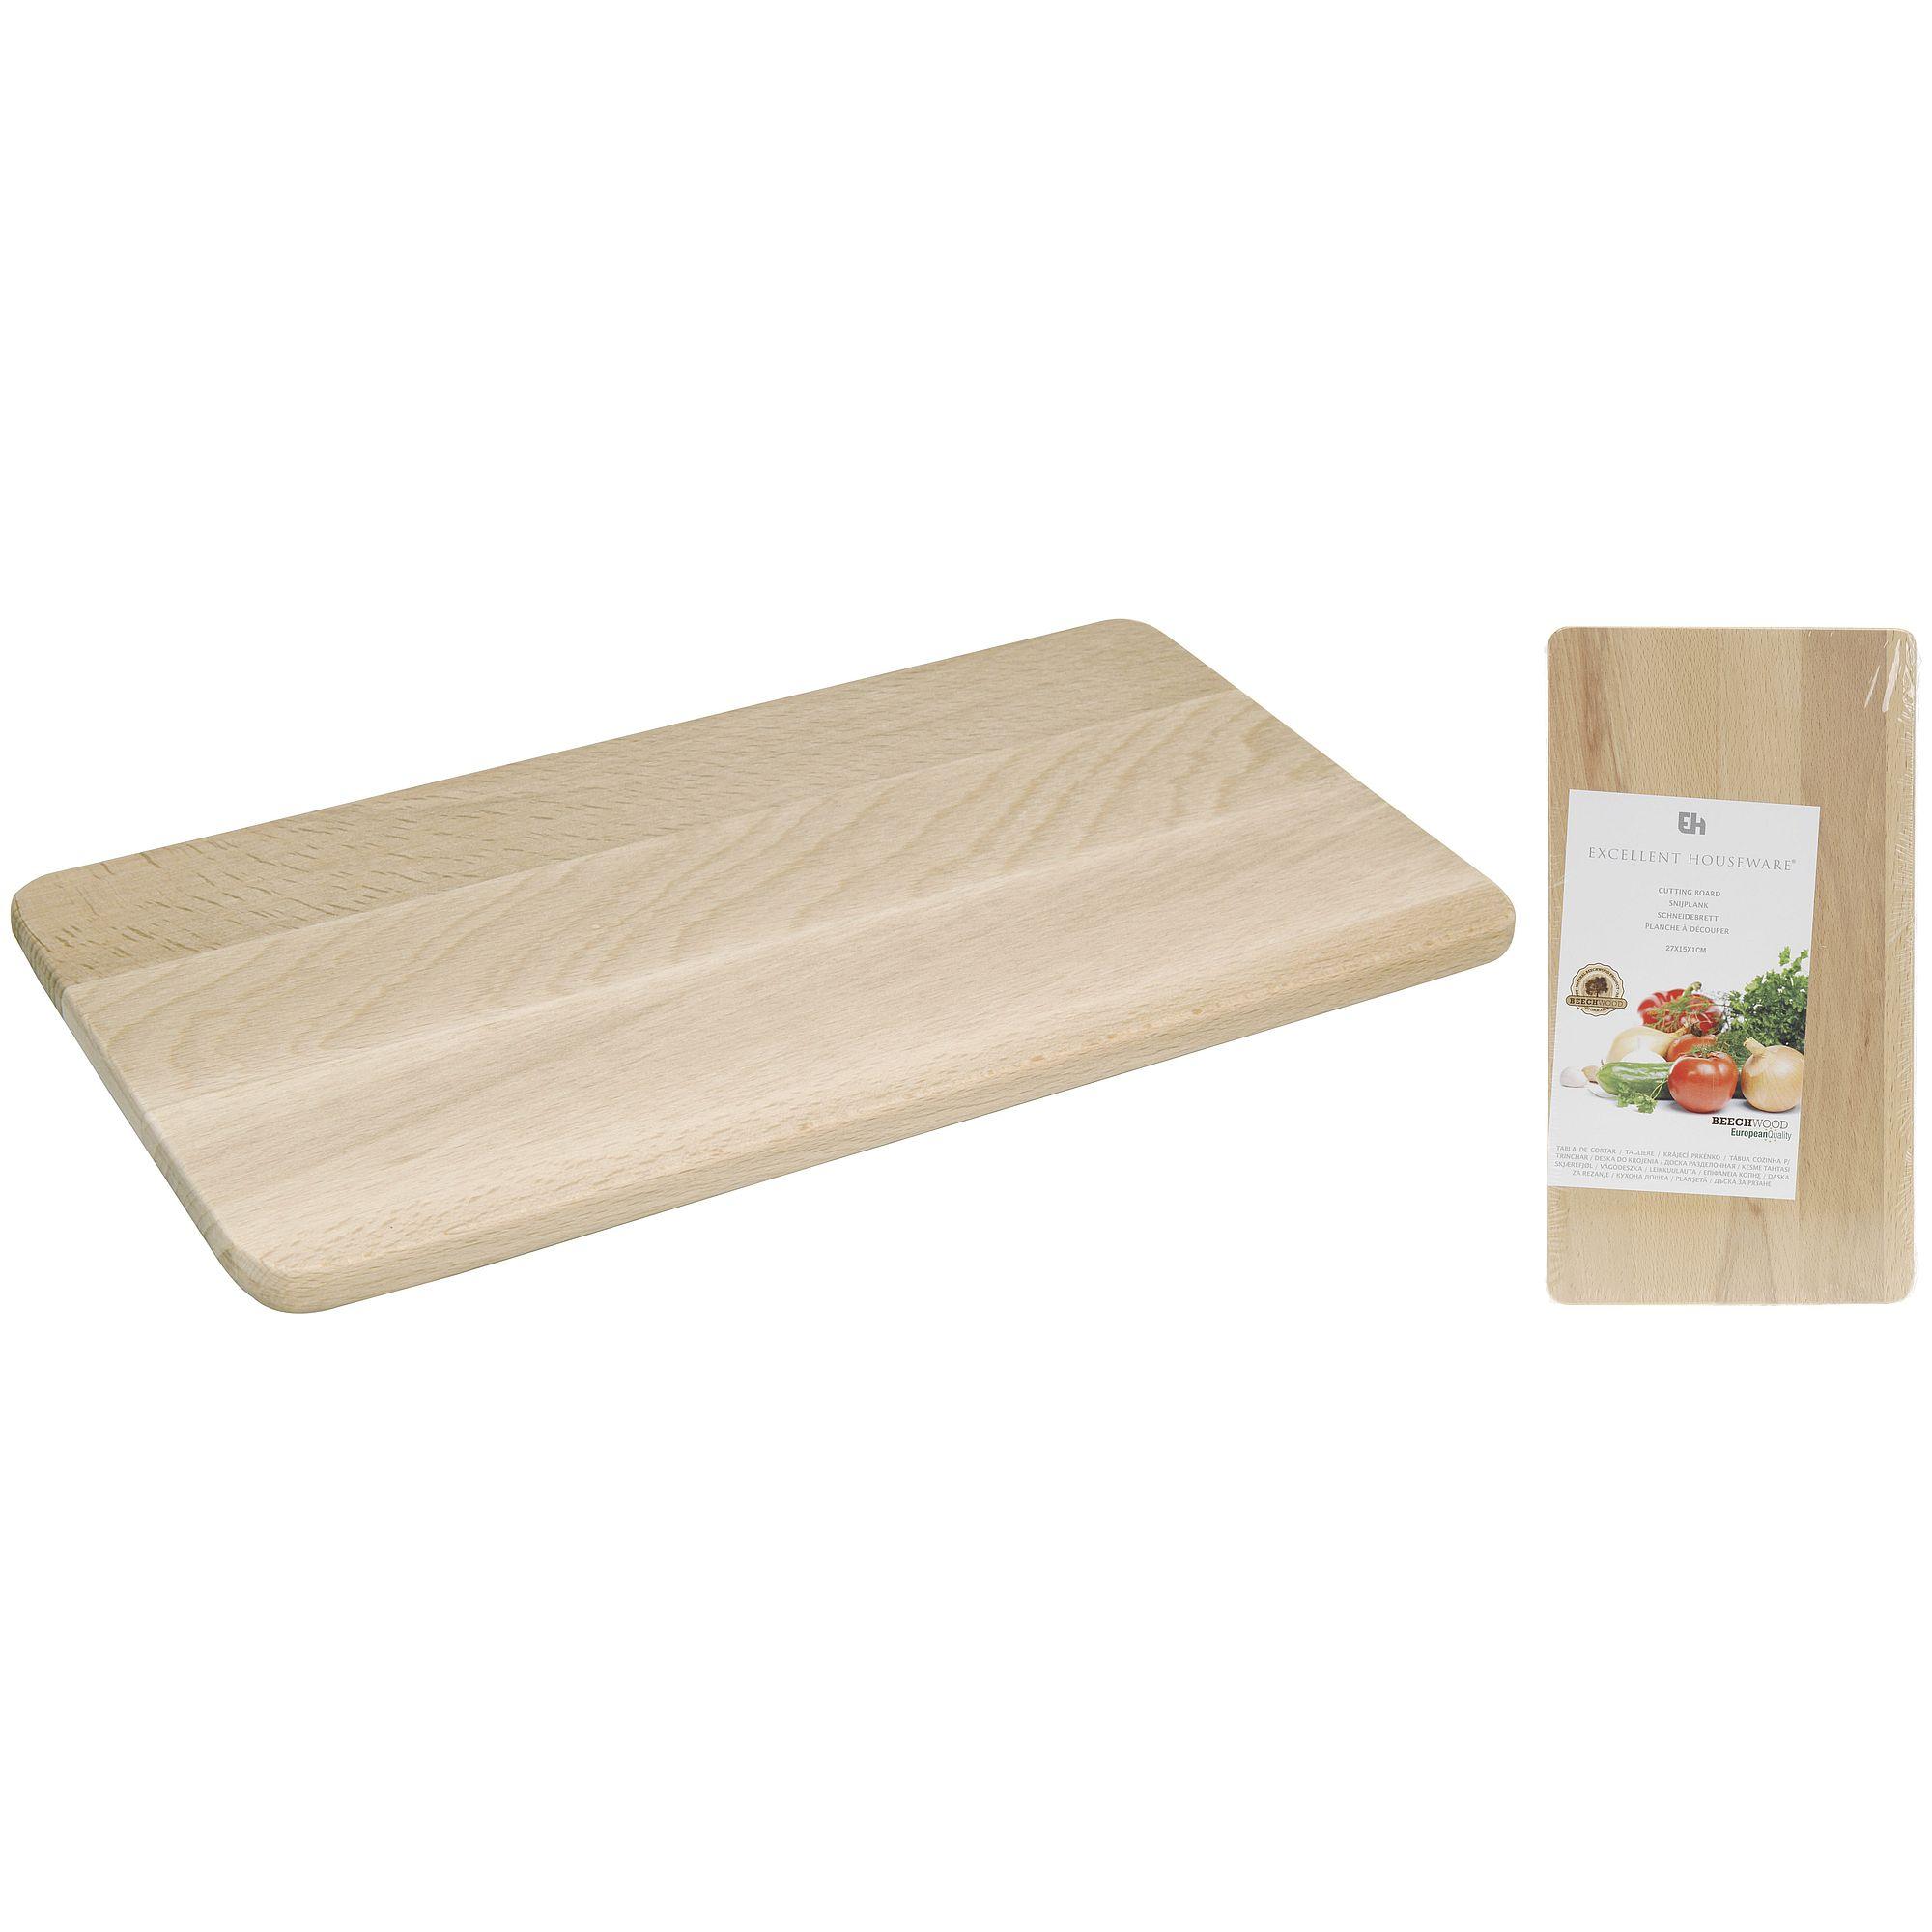 Доска разделочнаяЭргономичная разделочная доска Excellent Houseware займет достойное место на любой современной кухне. Доска выполнена в форме прямоугольника и имеет размеры 27,5 на 15 см, поэтому на ней удобно резать и разделывать продукты различного размера. Благодаря тому, что доска изготовлена из натуральной древесины, она защищена от появления и размножения вредоносных микроорганизмов. Использование деревянной доски безопасно и экологично, в отличие от пластиковых досок. Изделие легко мыть обычной водой, оно не впитывает запахи и не деформируется во время длительного использования. Кроме того, деревянная доска всегда смотрится эффектно в интерьере кухни.<br>